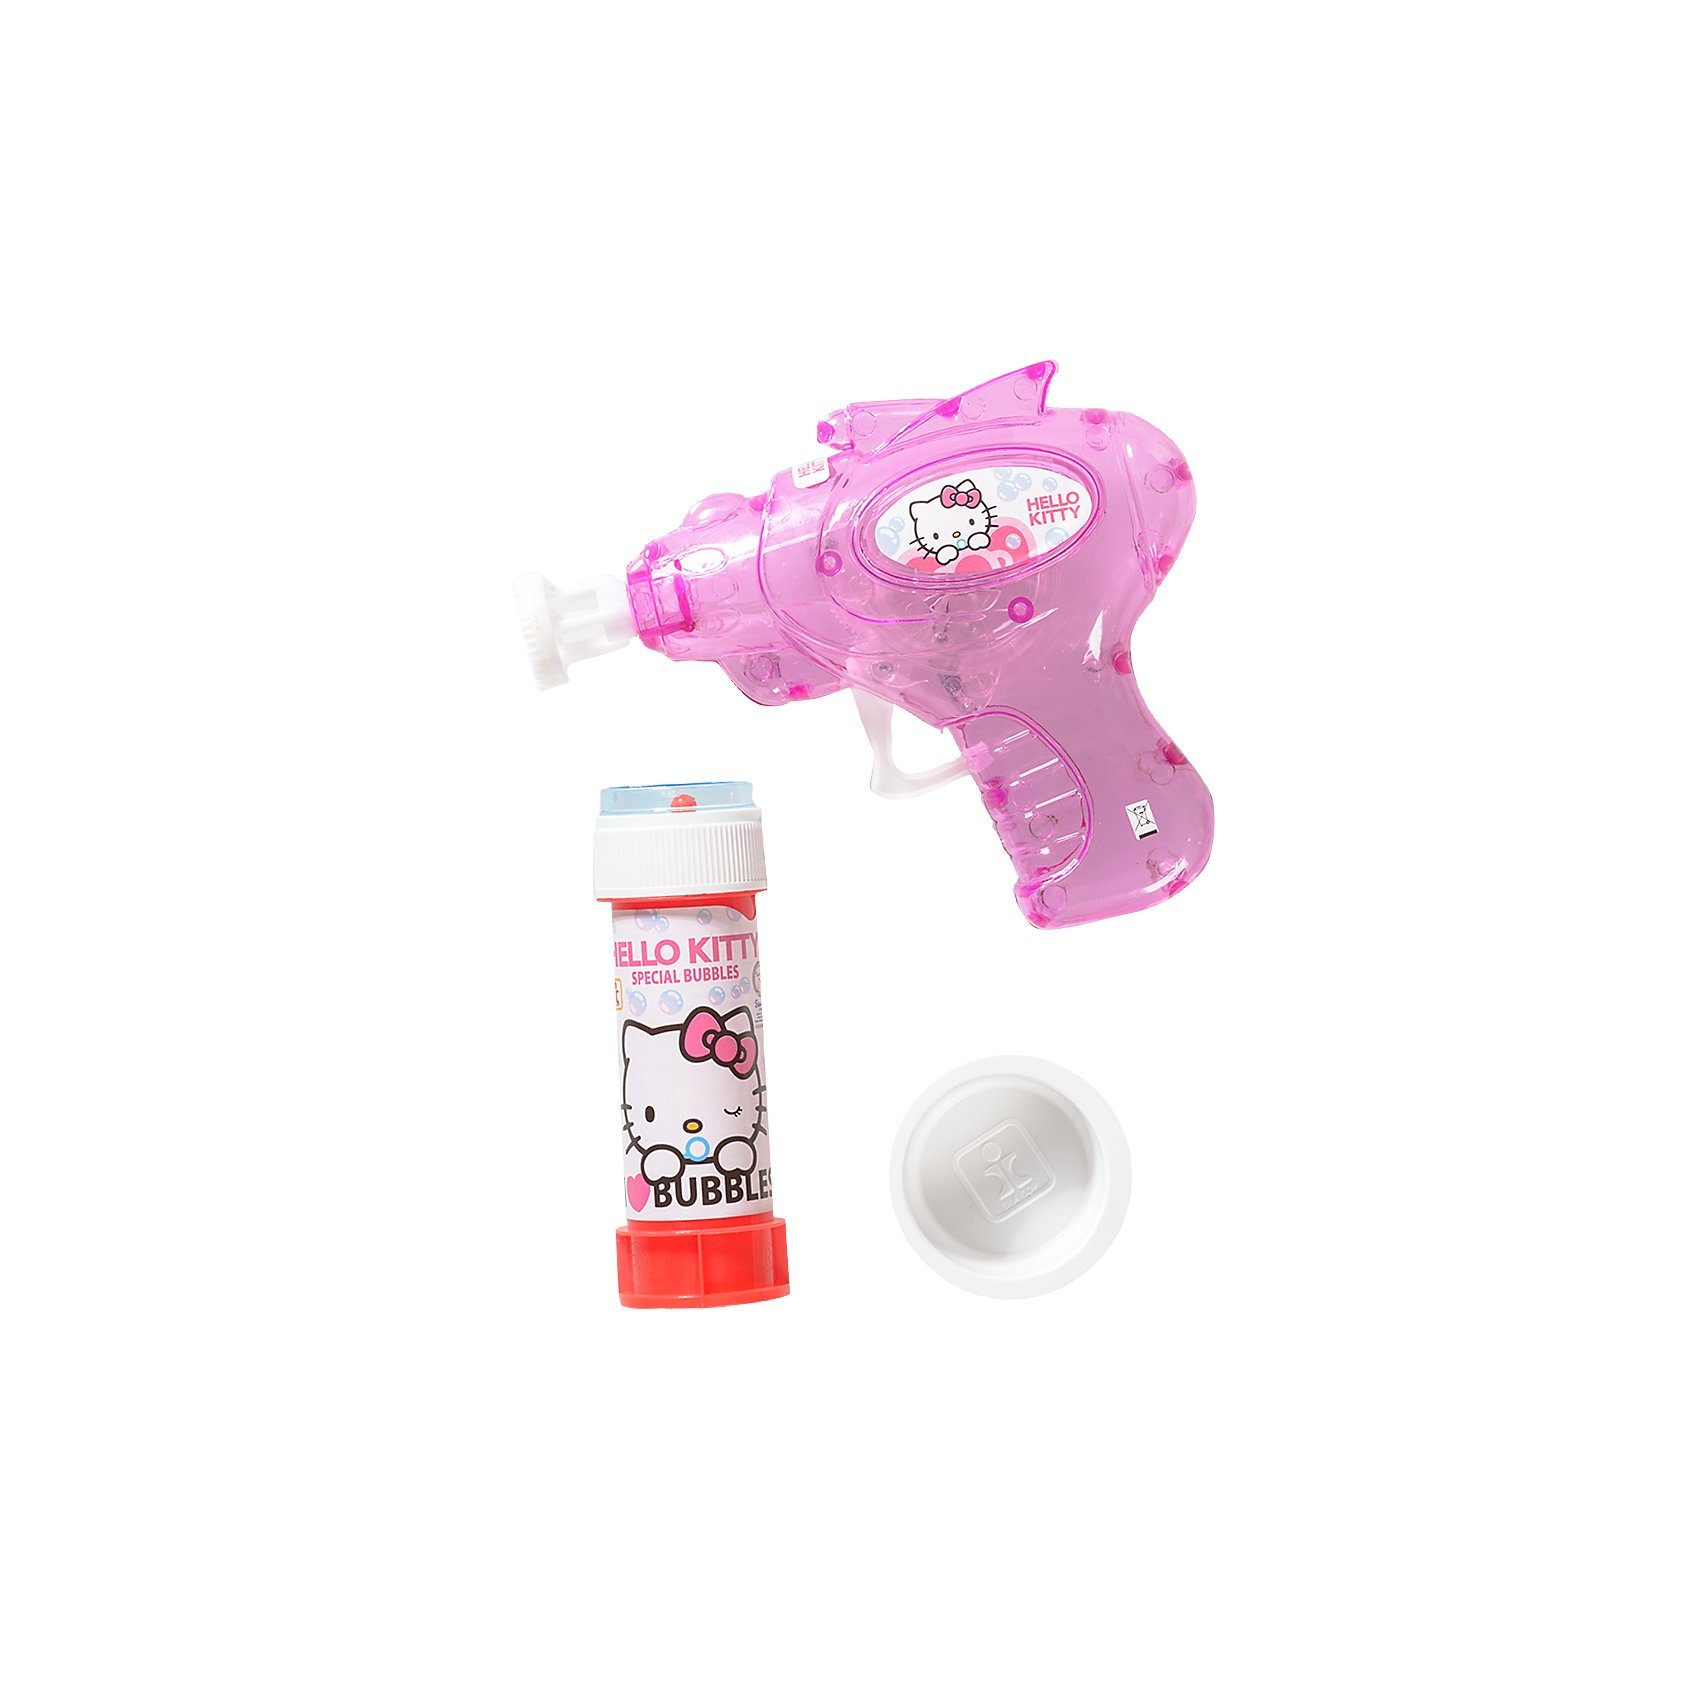 Dulcop Seifenblasen-Pistole Hello Kitty